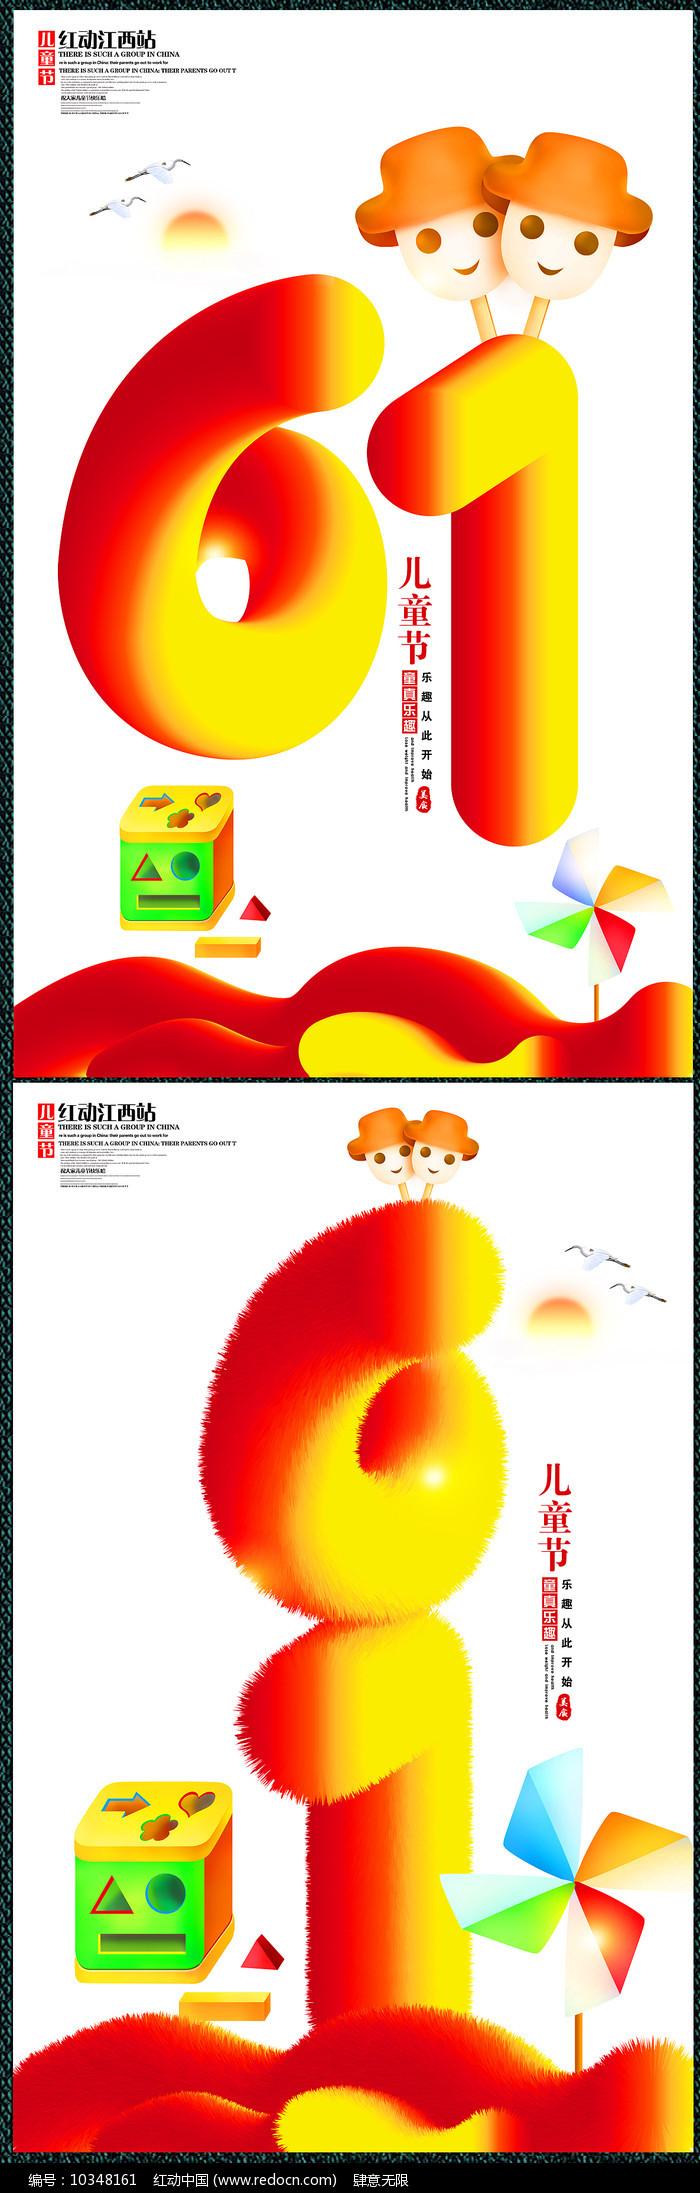 暖色61儿童节宣传海报设计图片